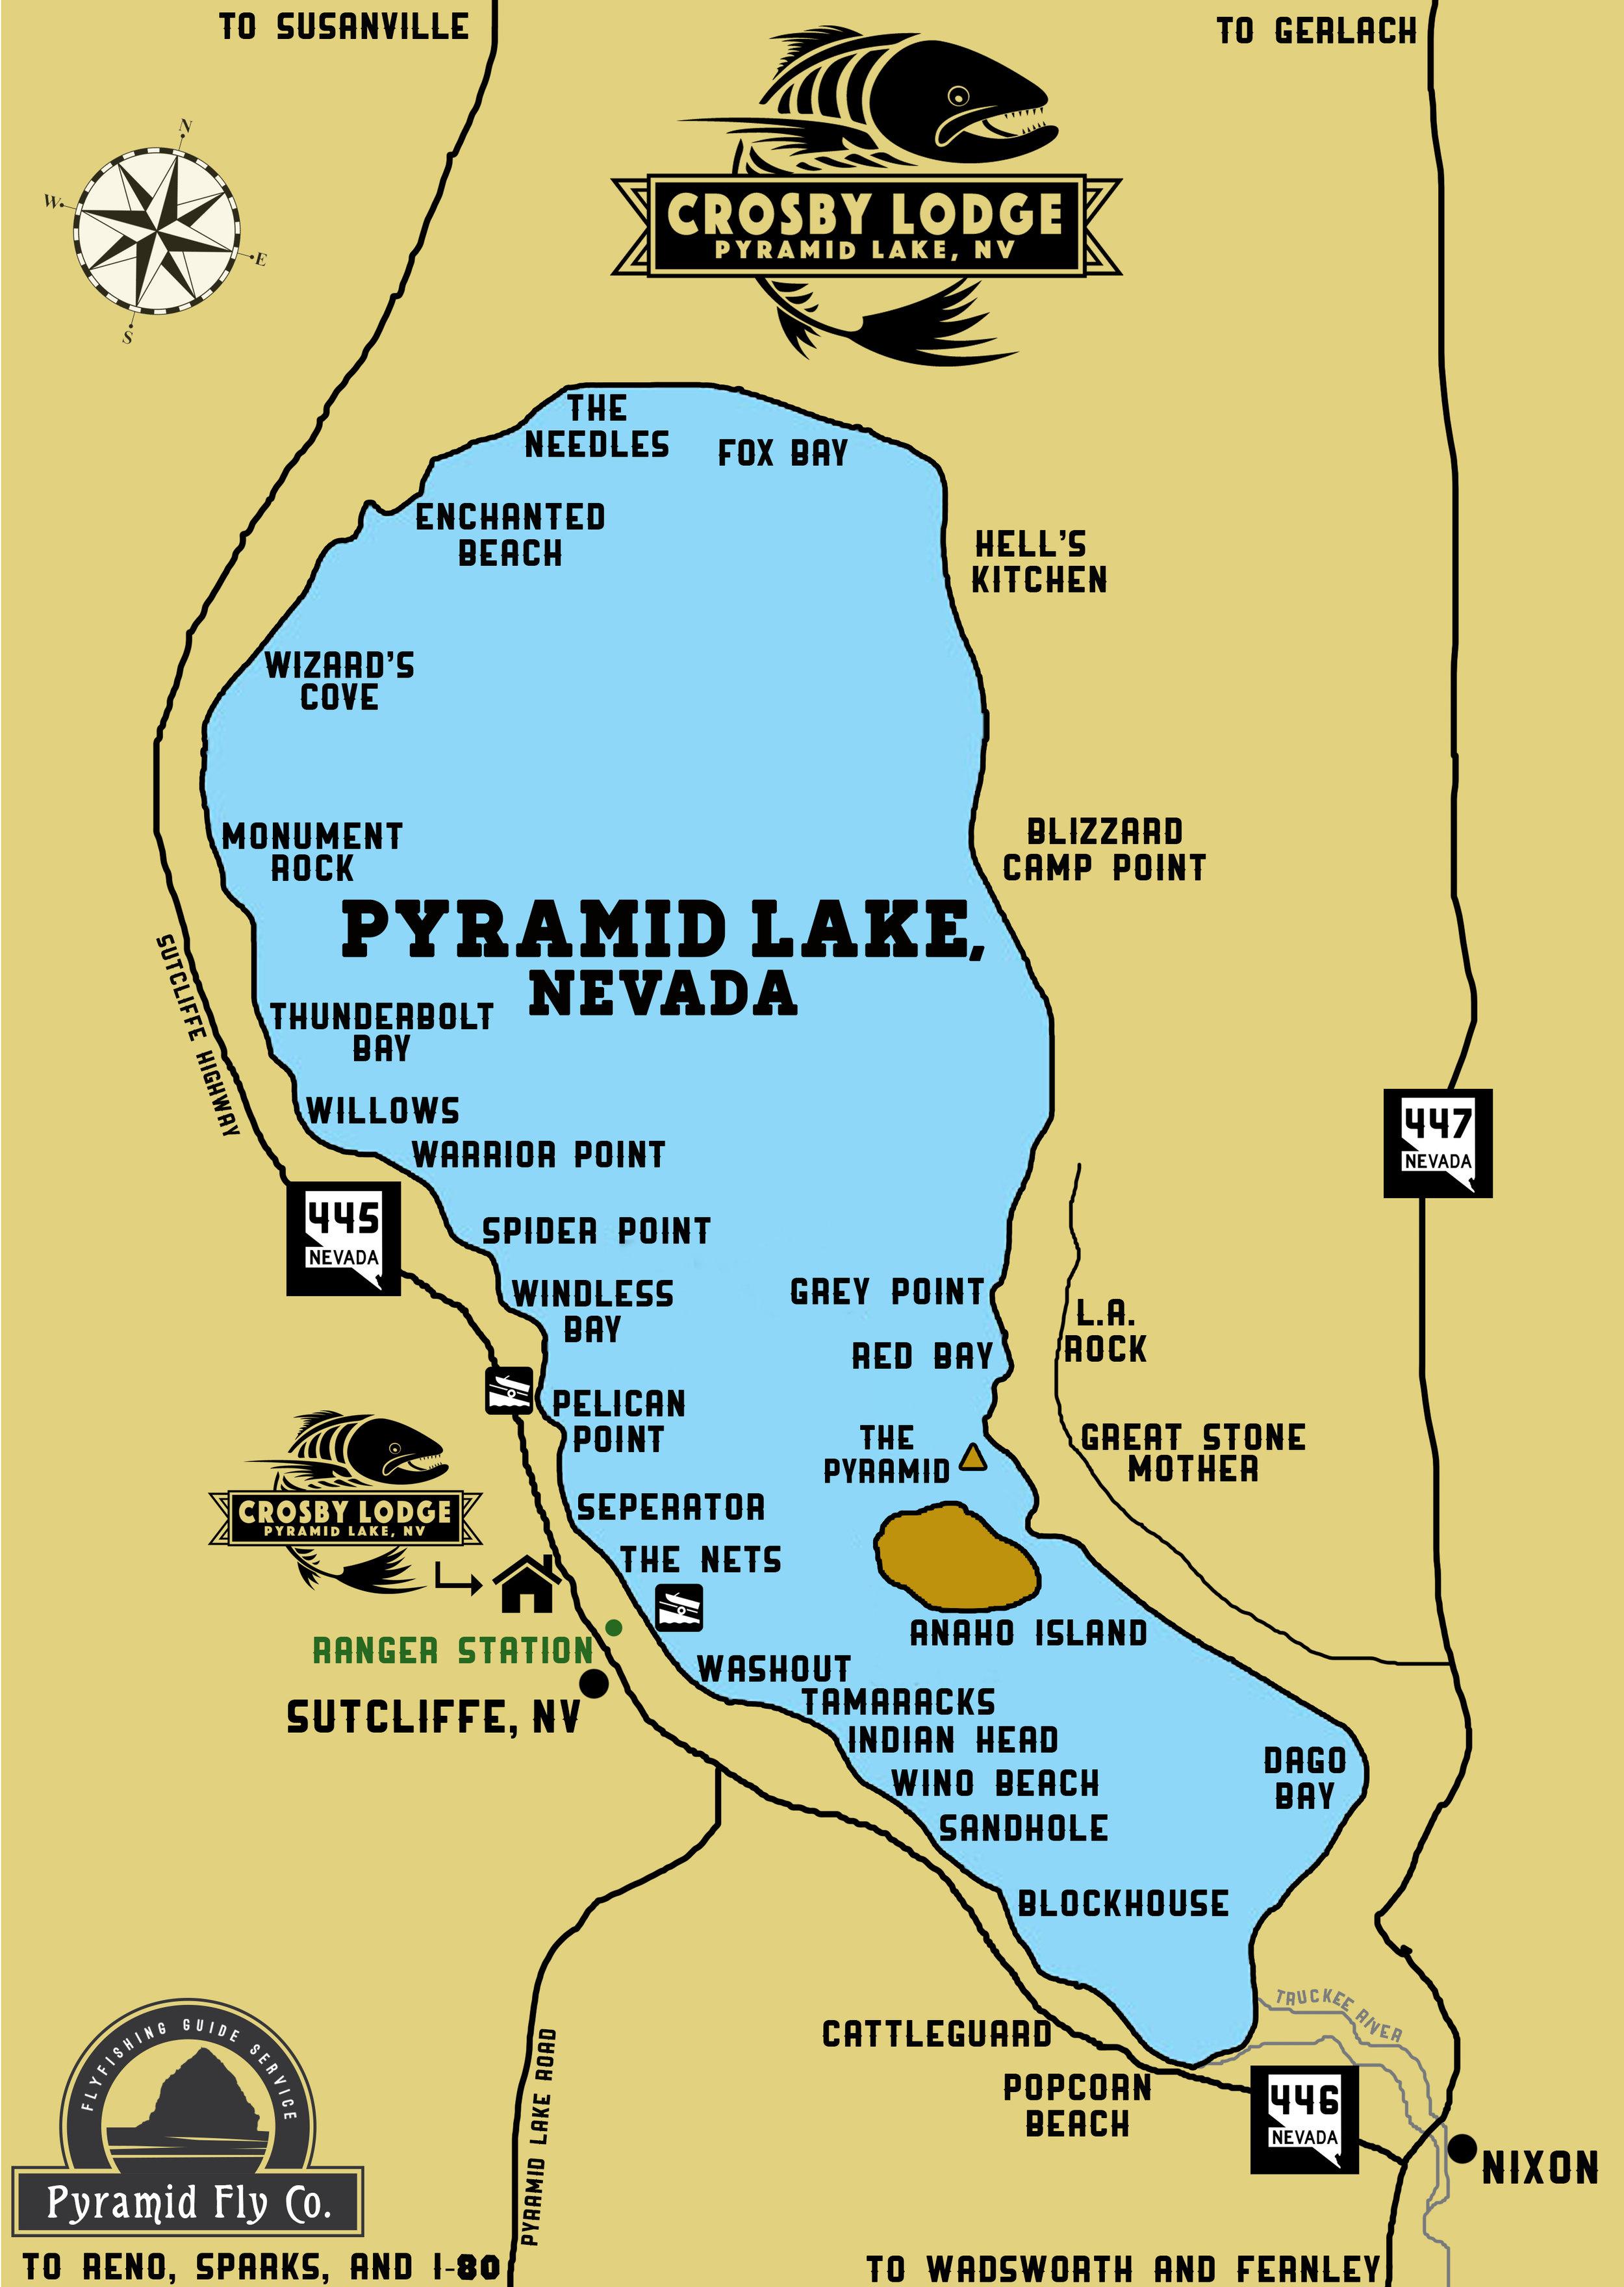 Map courtesy of:  www.pyramidflyco.com